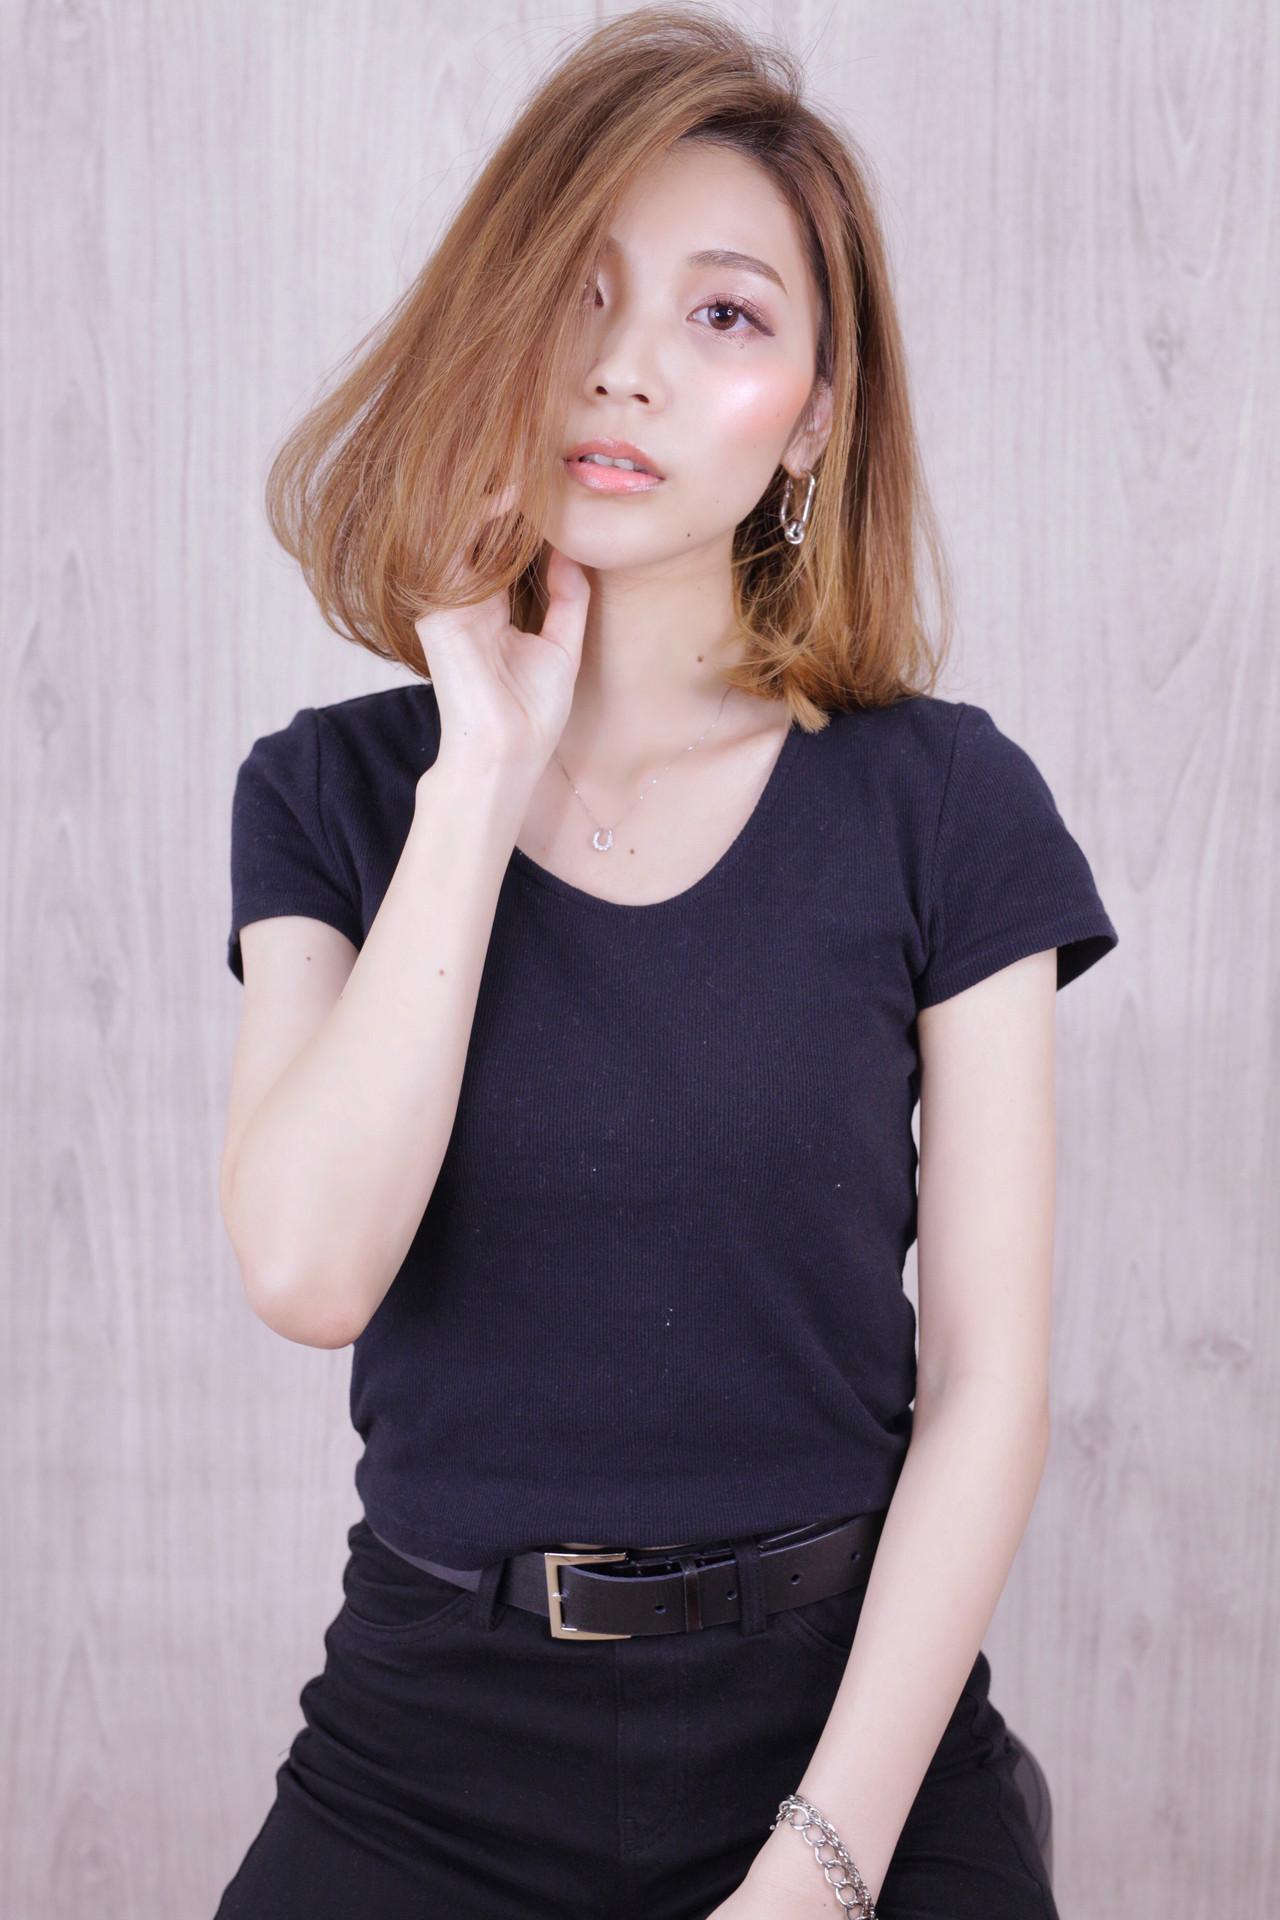 ミディアム ナチュラル アンニュイほつれヘア ワンカールスタイリング ヘアスタイルや髪型の写真・画像 | 石田 学史 / DISHEL